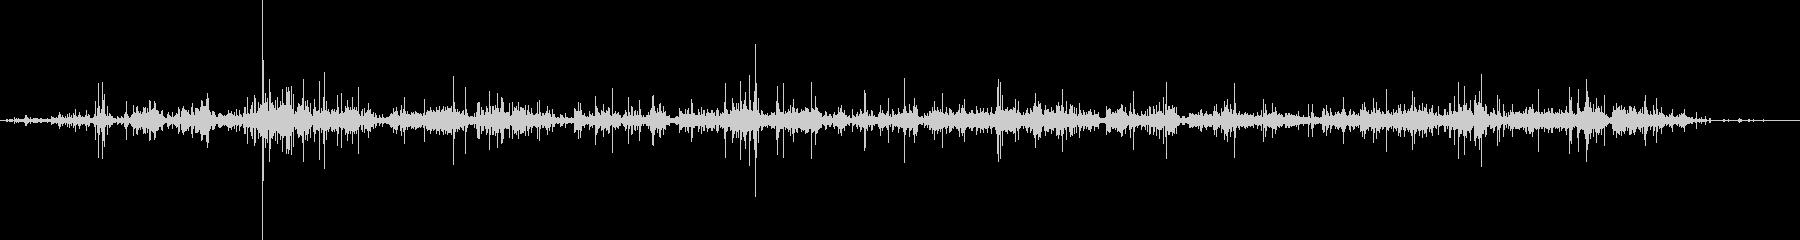 袋のガサガサ音02の未再生の波形